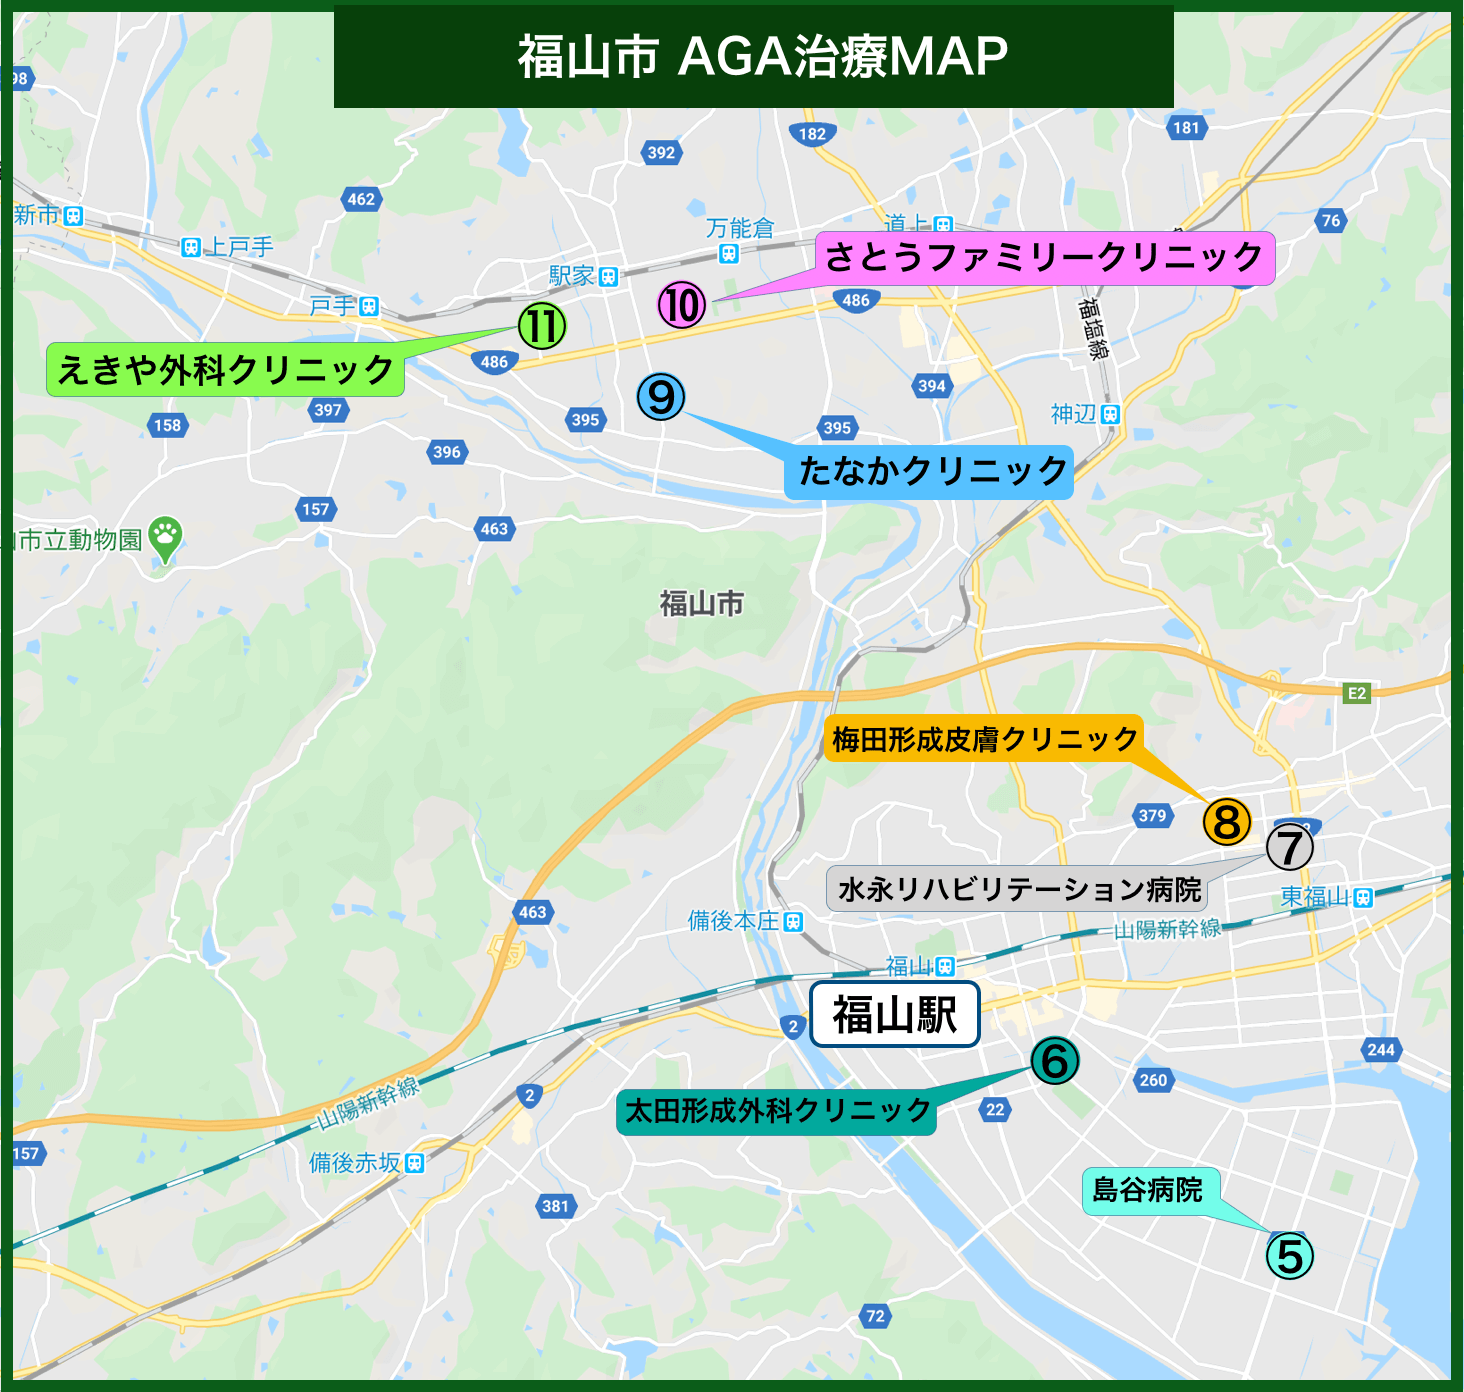 福山市 AGA治療MAP